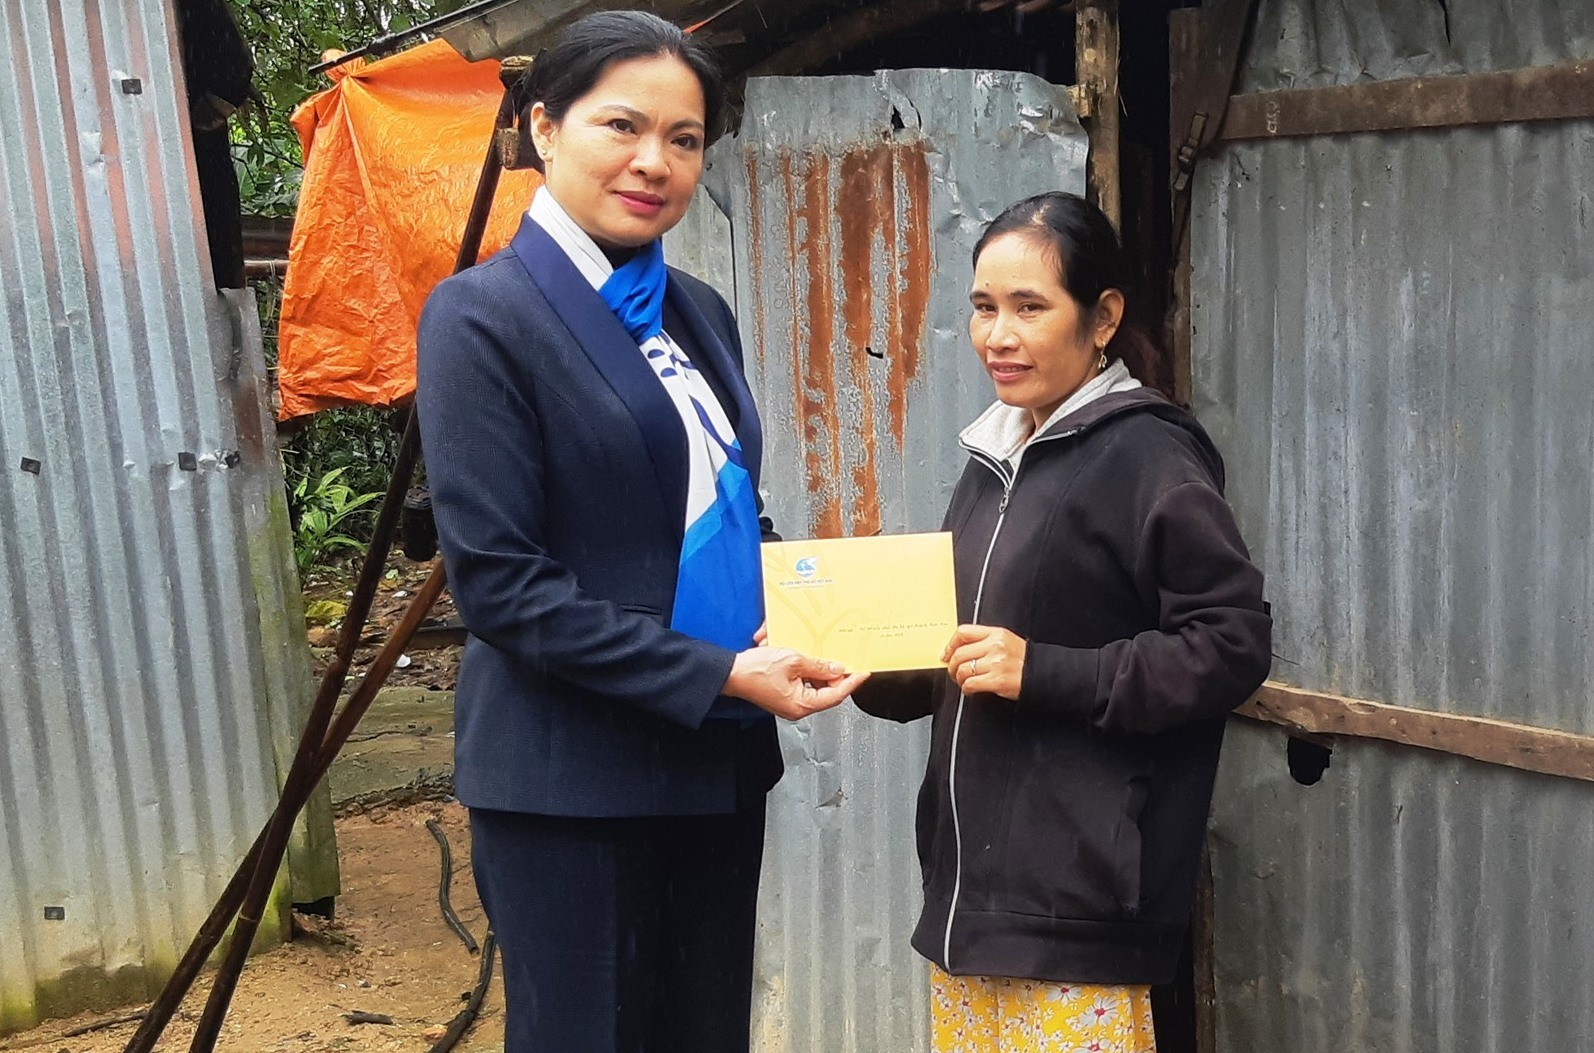 Đoàn đã trao trao 10 triệu đồng/hội viên phụ nữ có nhà bị sụp đổ hoàn toàn trong bão số 9 tại xã Trà Giang (Bắc Trà My). Ảnh: HOÀNG LIÊN